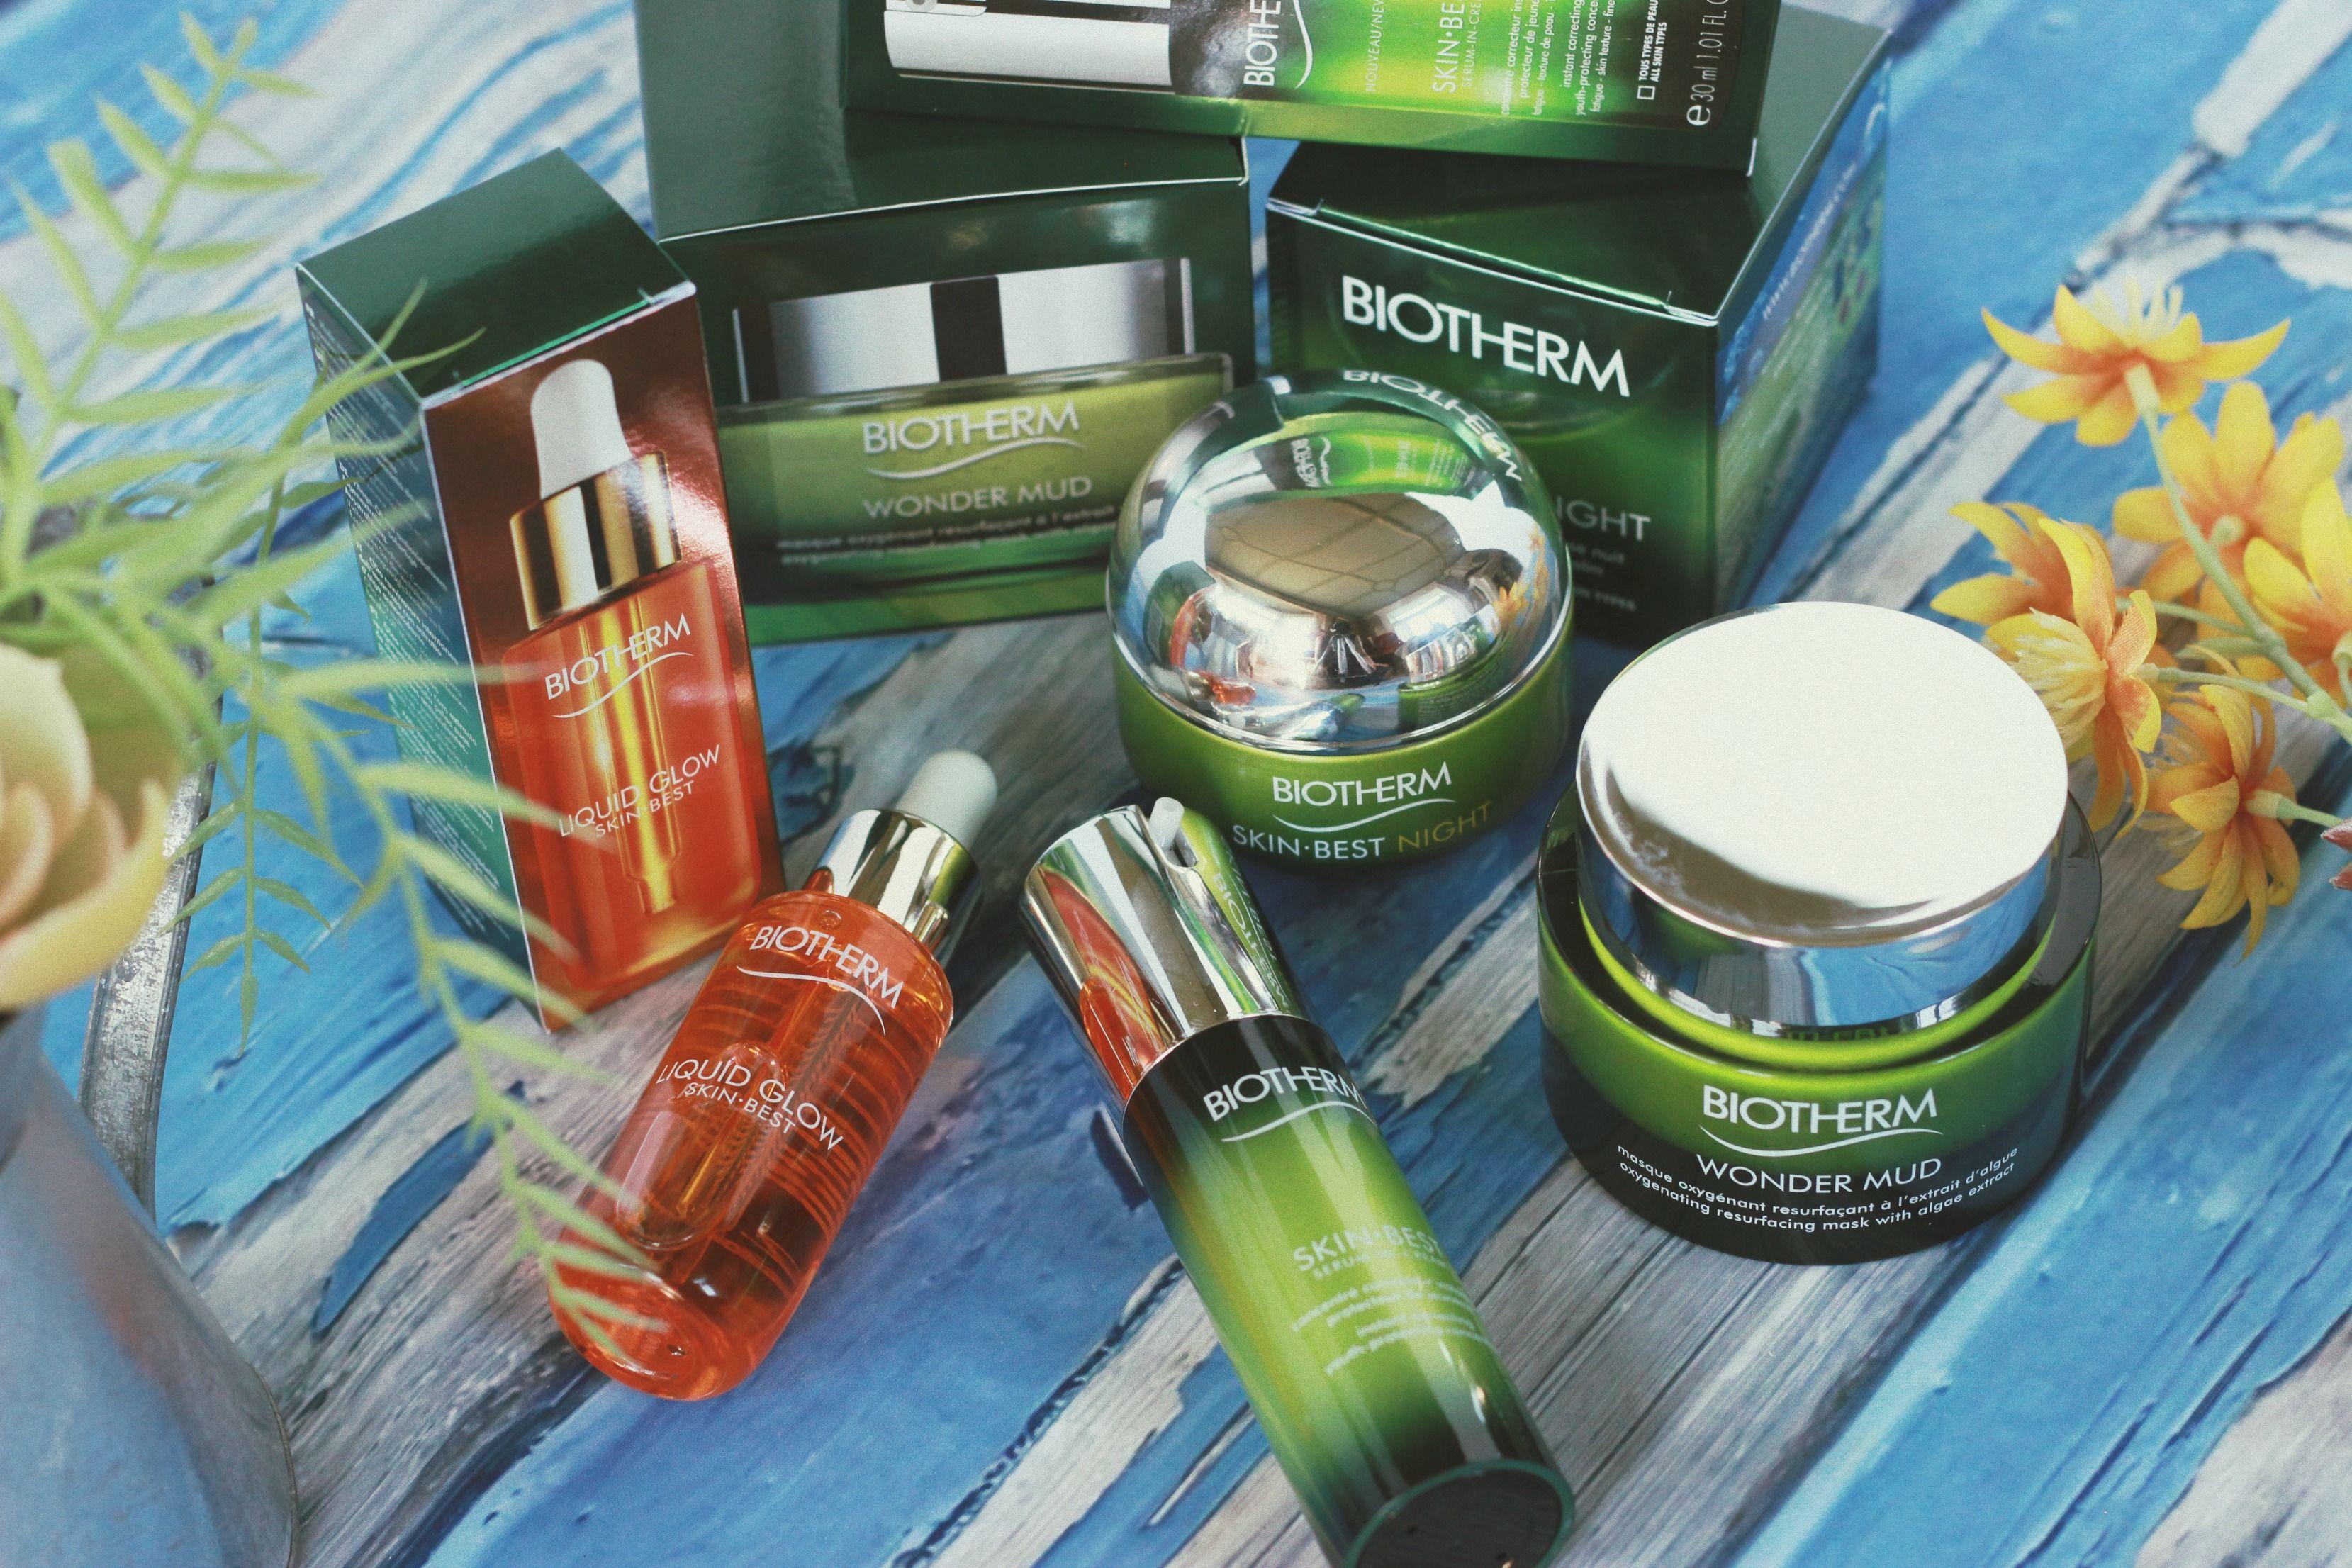 Biotherm Skin Best Review Skin Best Serum In Cream Skin Best Night Biotherm Masque Skin Best Wonder Mud Liquid Glow Instant Complexio Piel Sana Sana Piel